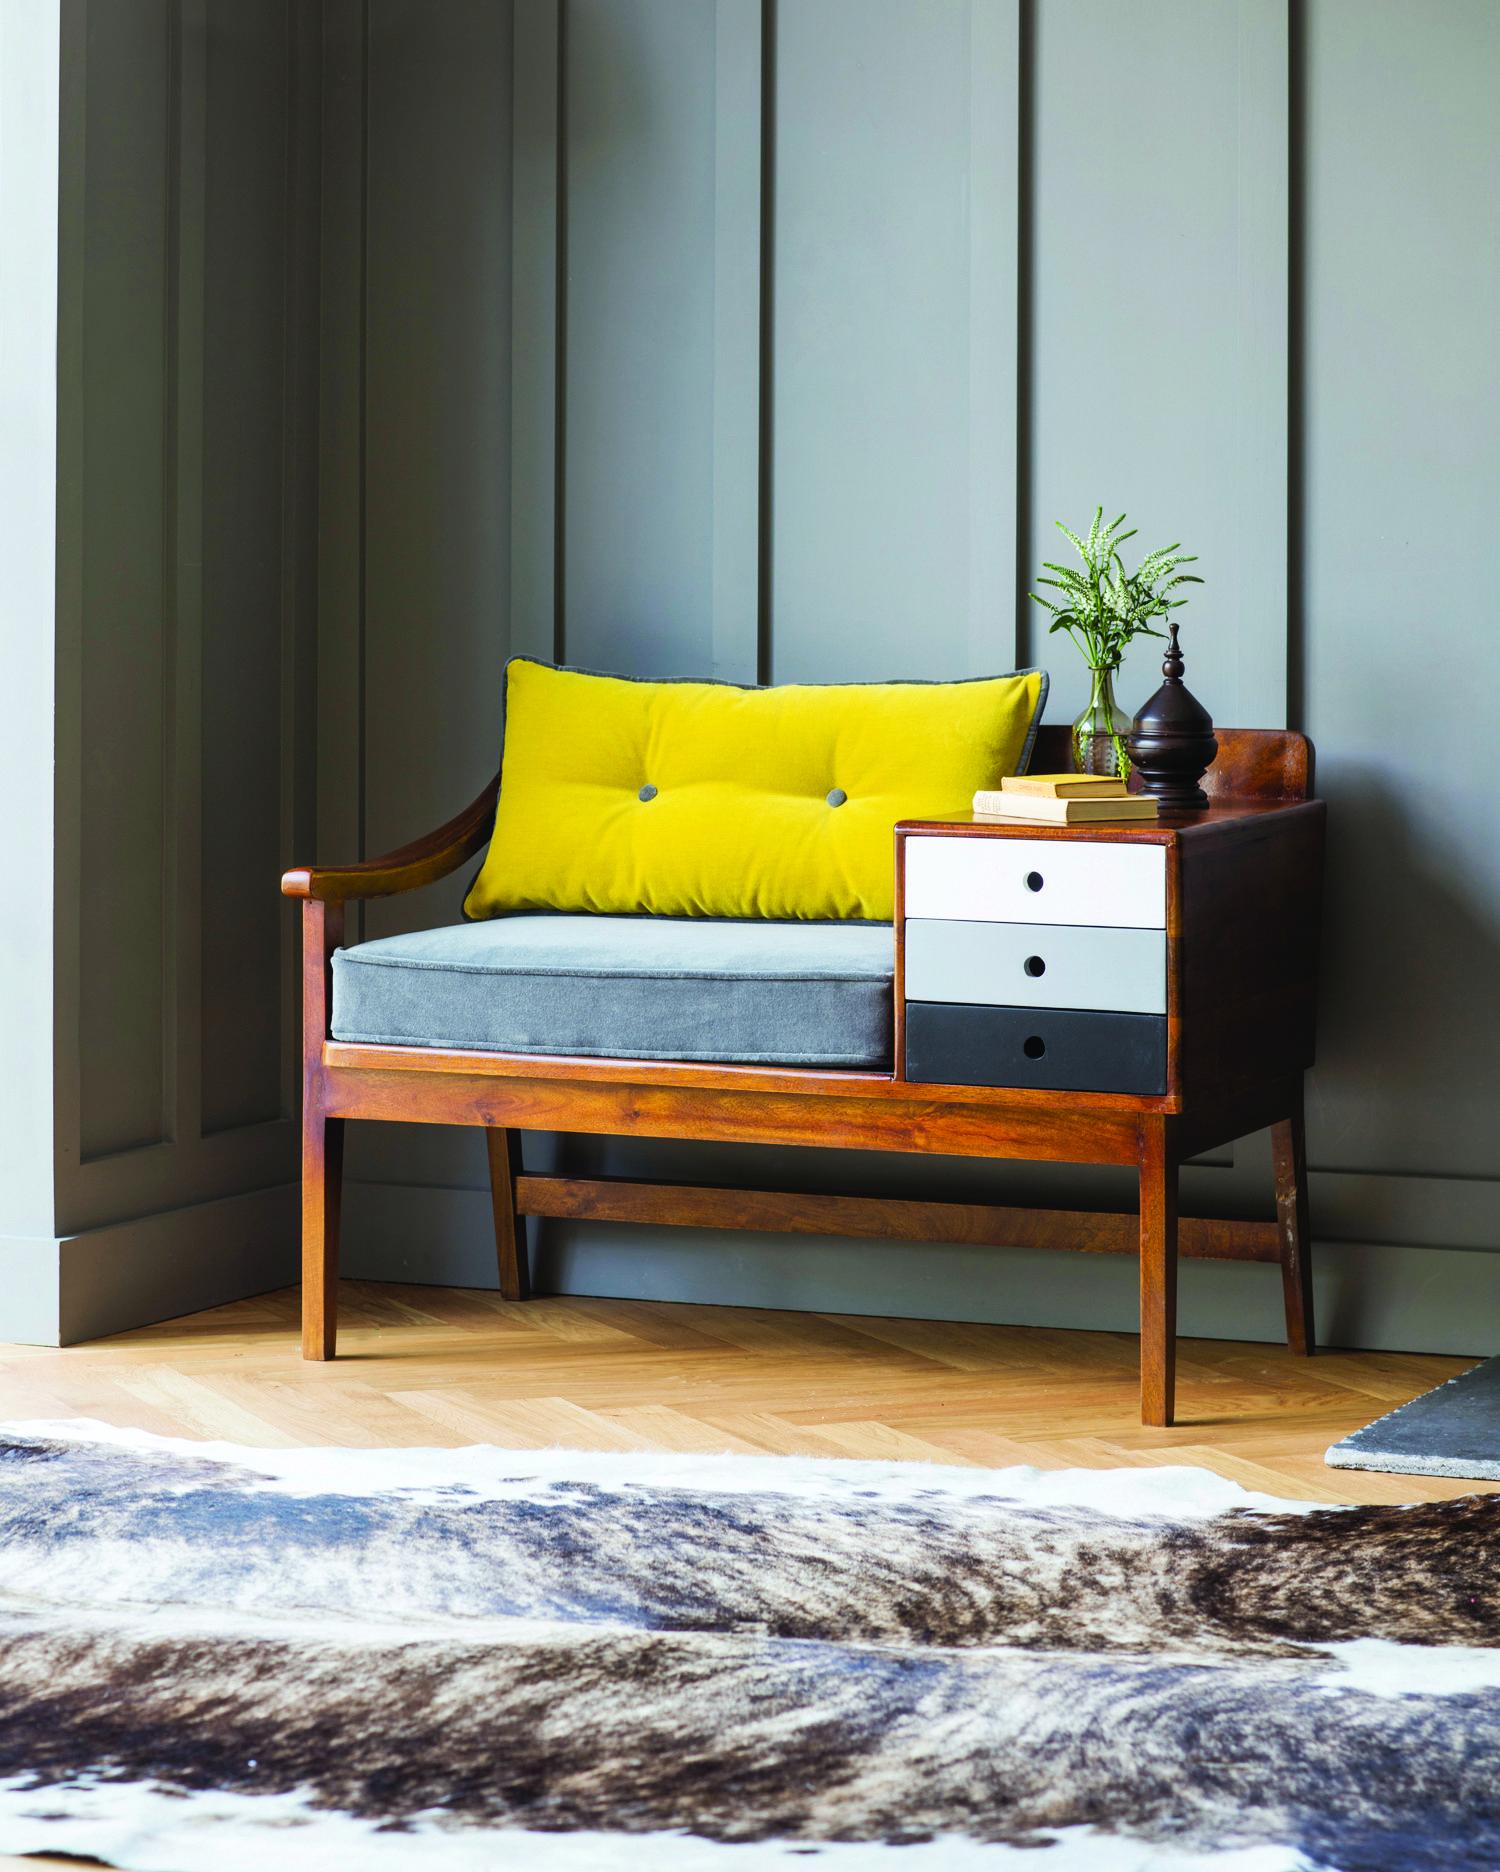 Unique and Inspiring Range of Contemporary Furnitu